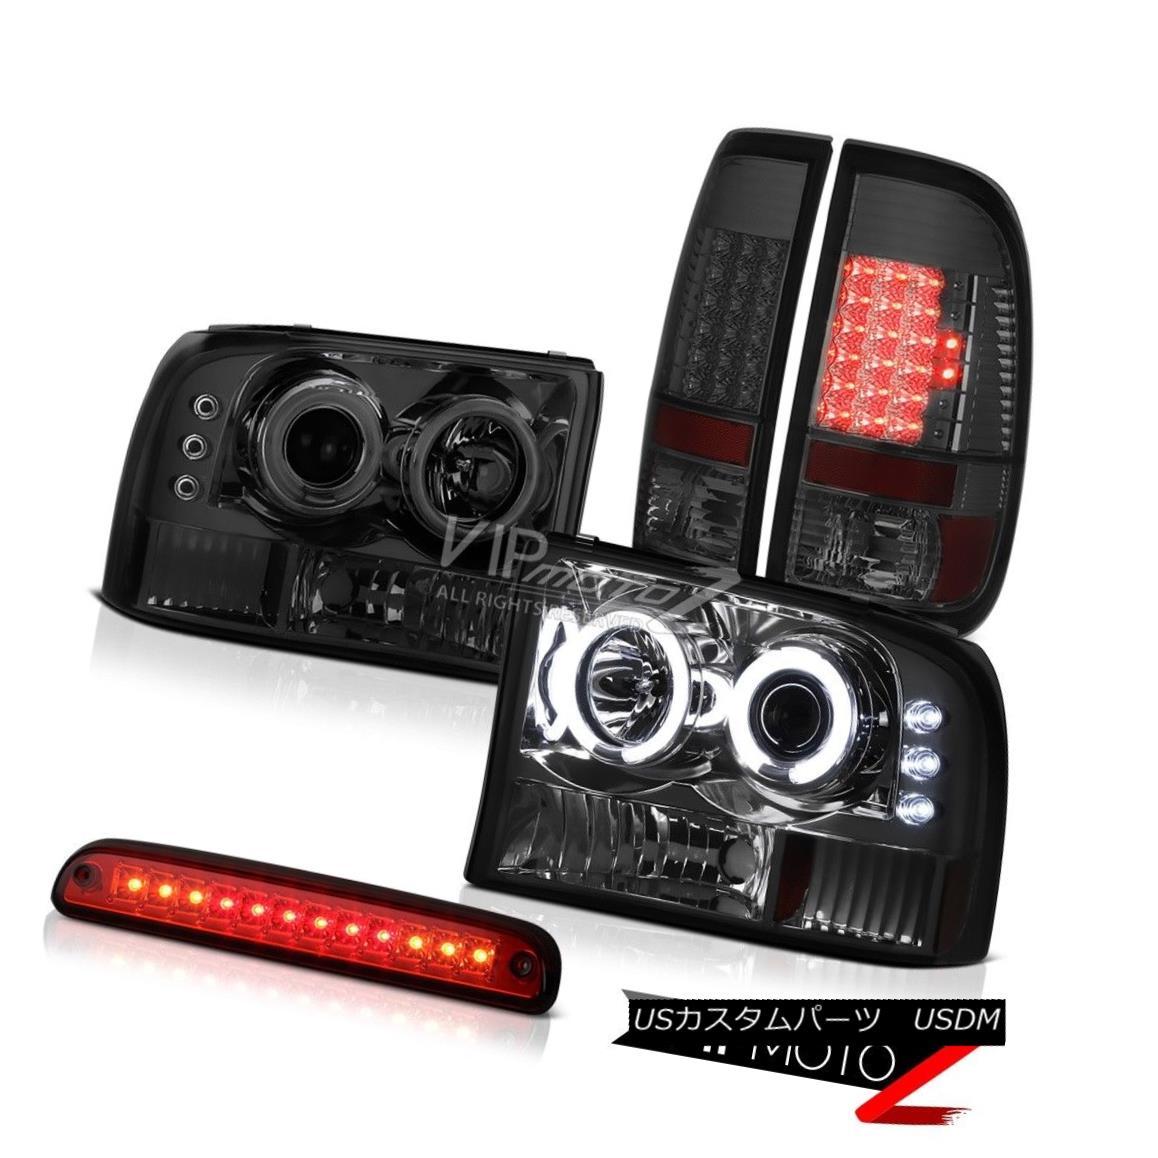 ヘッドライト 99-04 Ford F350 5.4L Smoke CCFL Ring Headlights Tail Lights LED High Stop Red 99-04 Ford F350 5.4L煙CCFLリングヘッドライトテールライトLEDハイストップレッド